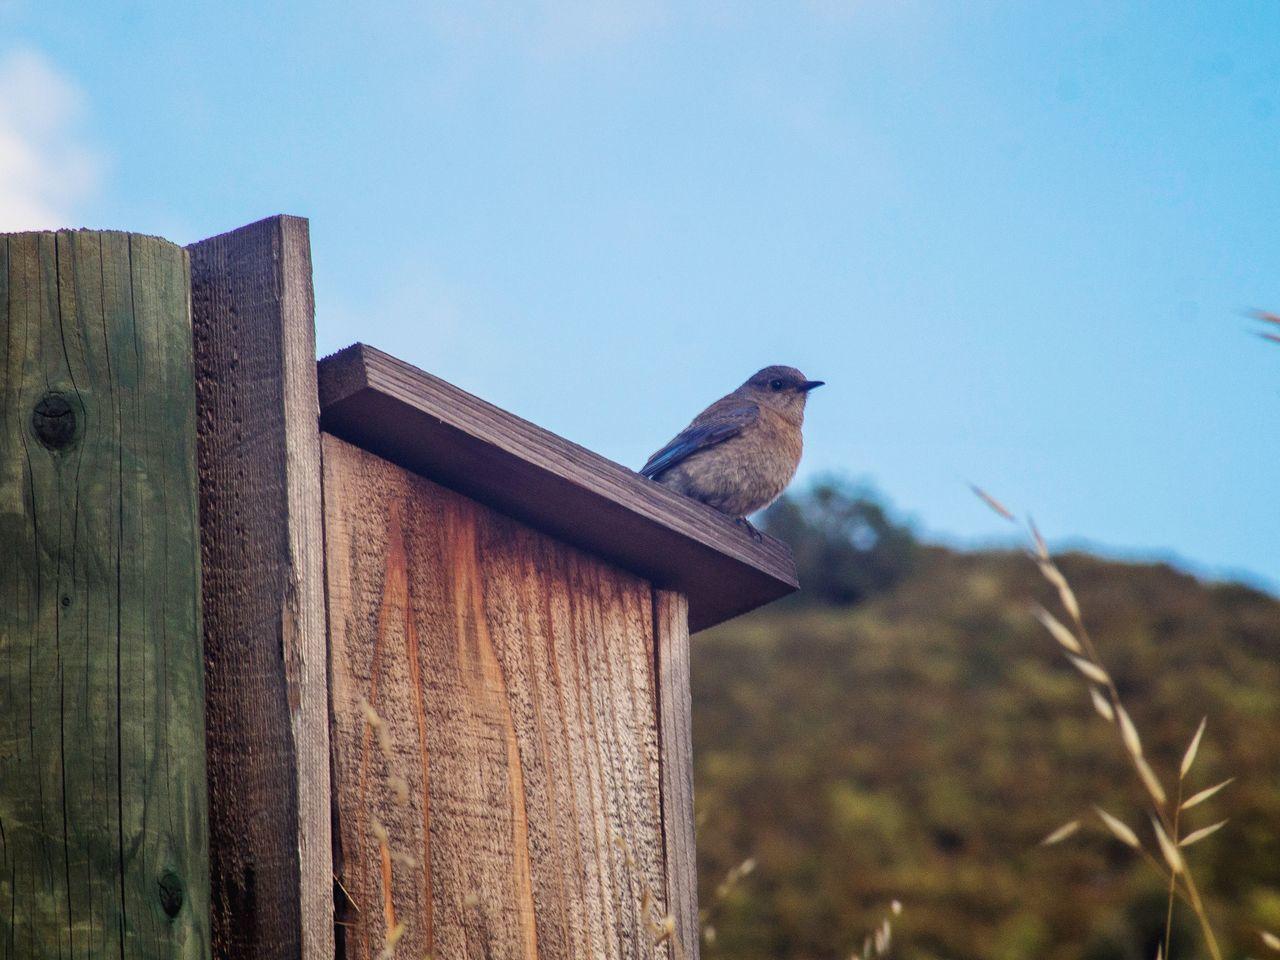 Bird Nature Outdoors San Luis Obispo Cal Poly